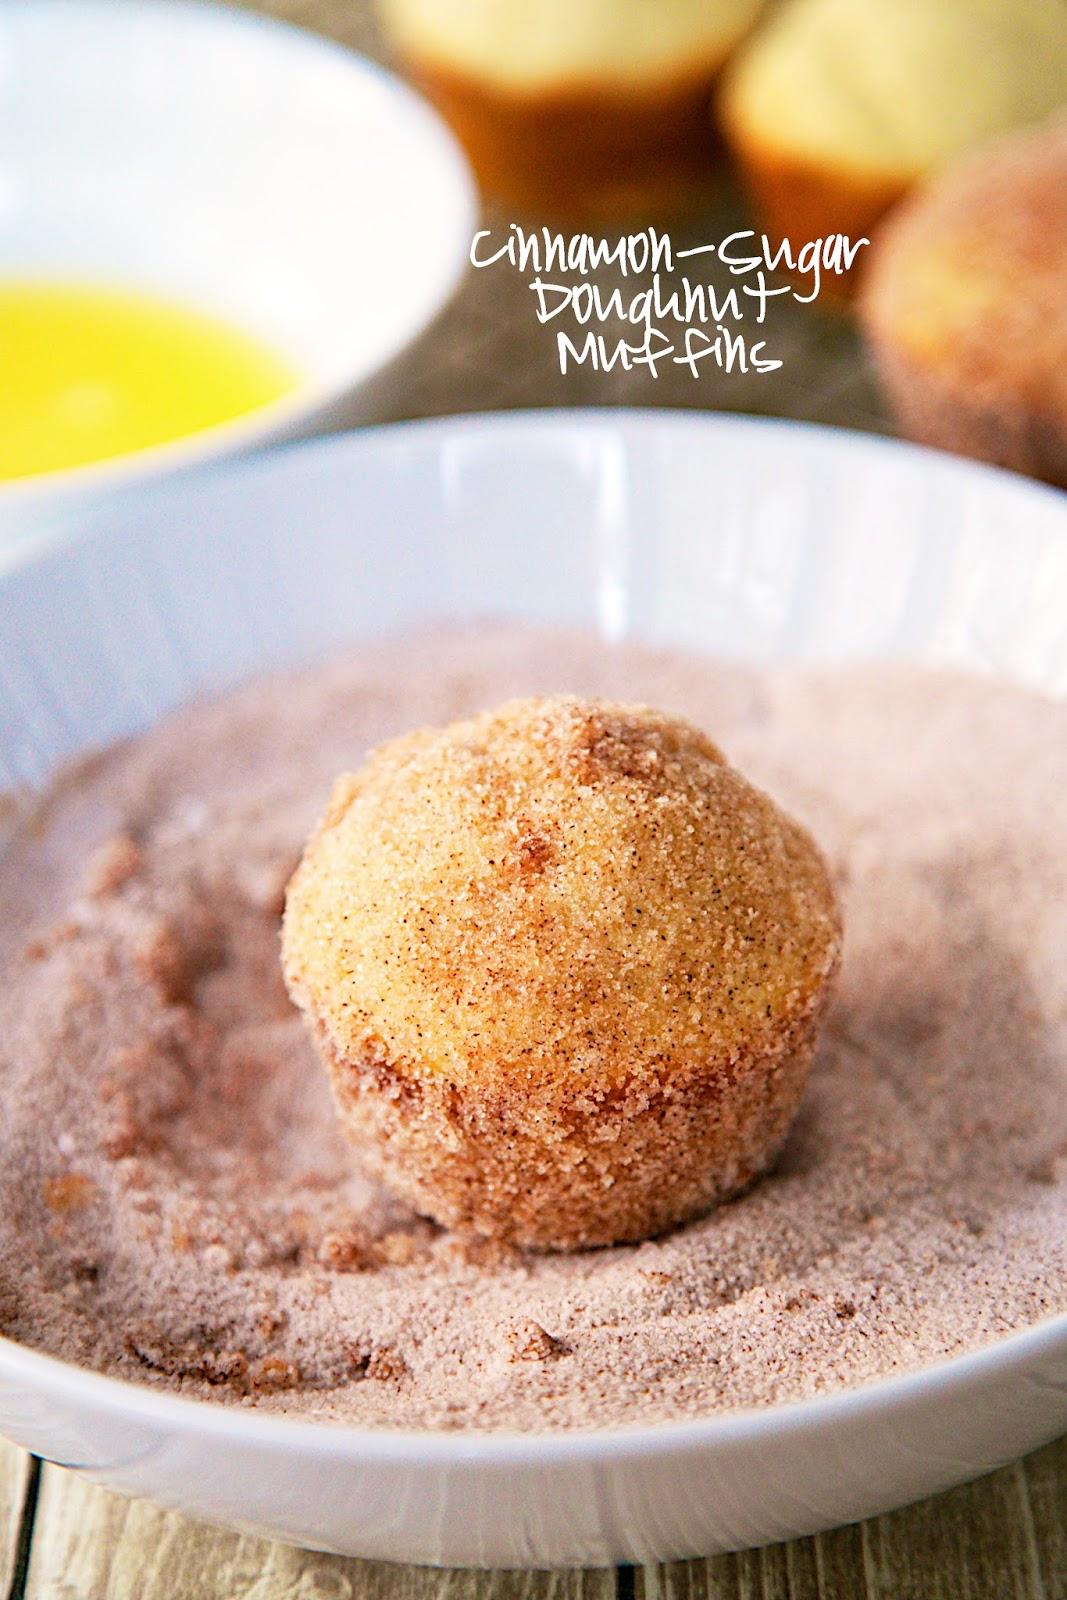 Cinnamon-Sugar Doughnut Muffins Recipe - baked doughnut muffins coated ...